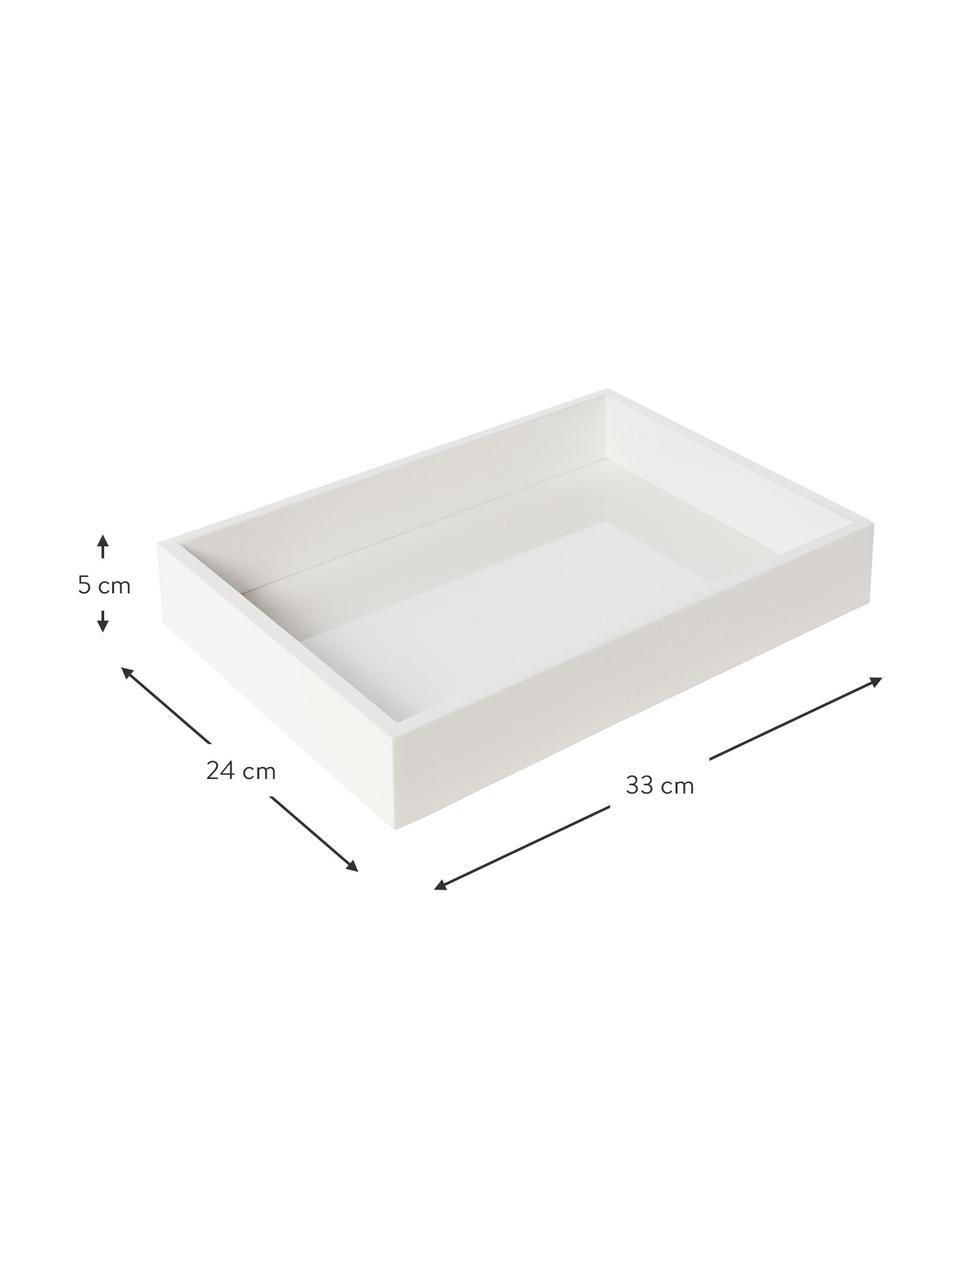 Plateau blanc brillant Hayley, en deux tailles différentes, Blanc